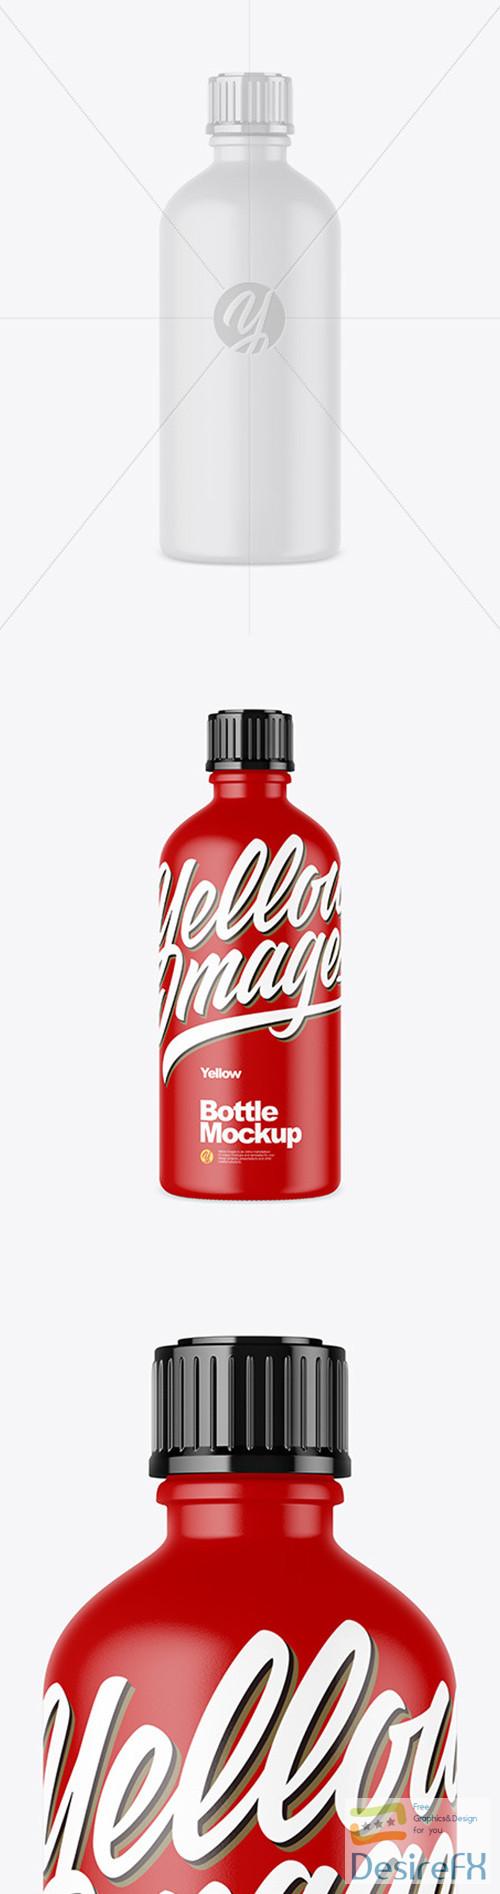 mock-up - Matte Bottle Mockup 52113 TIF